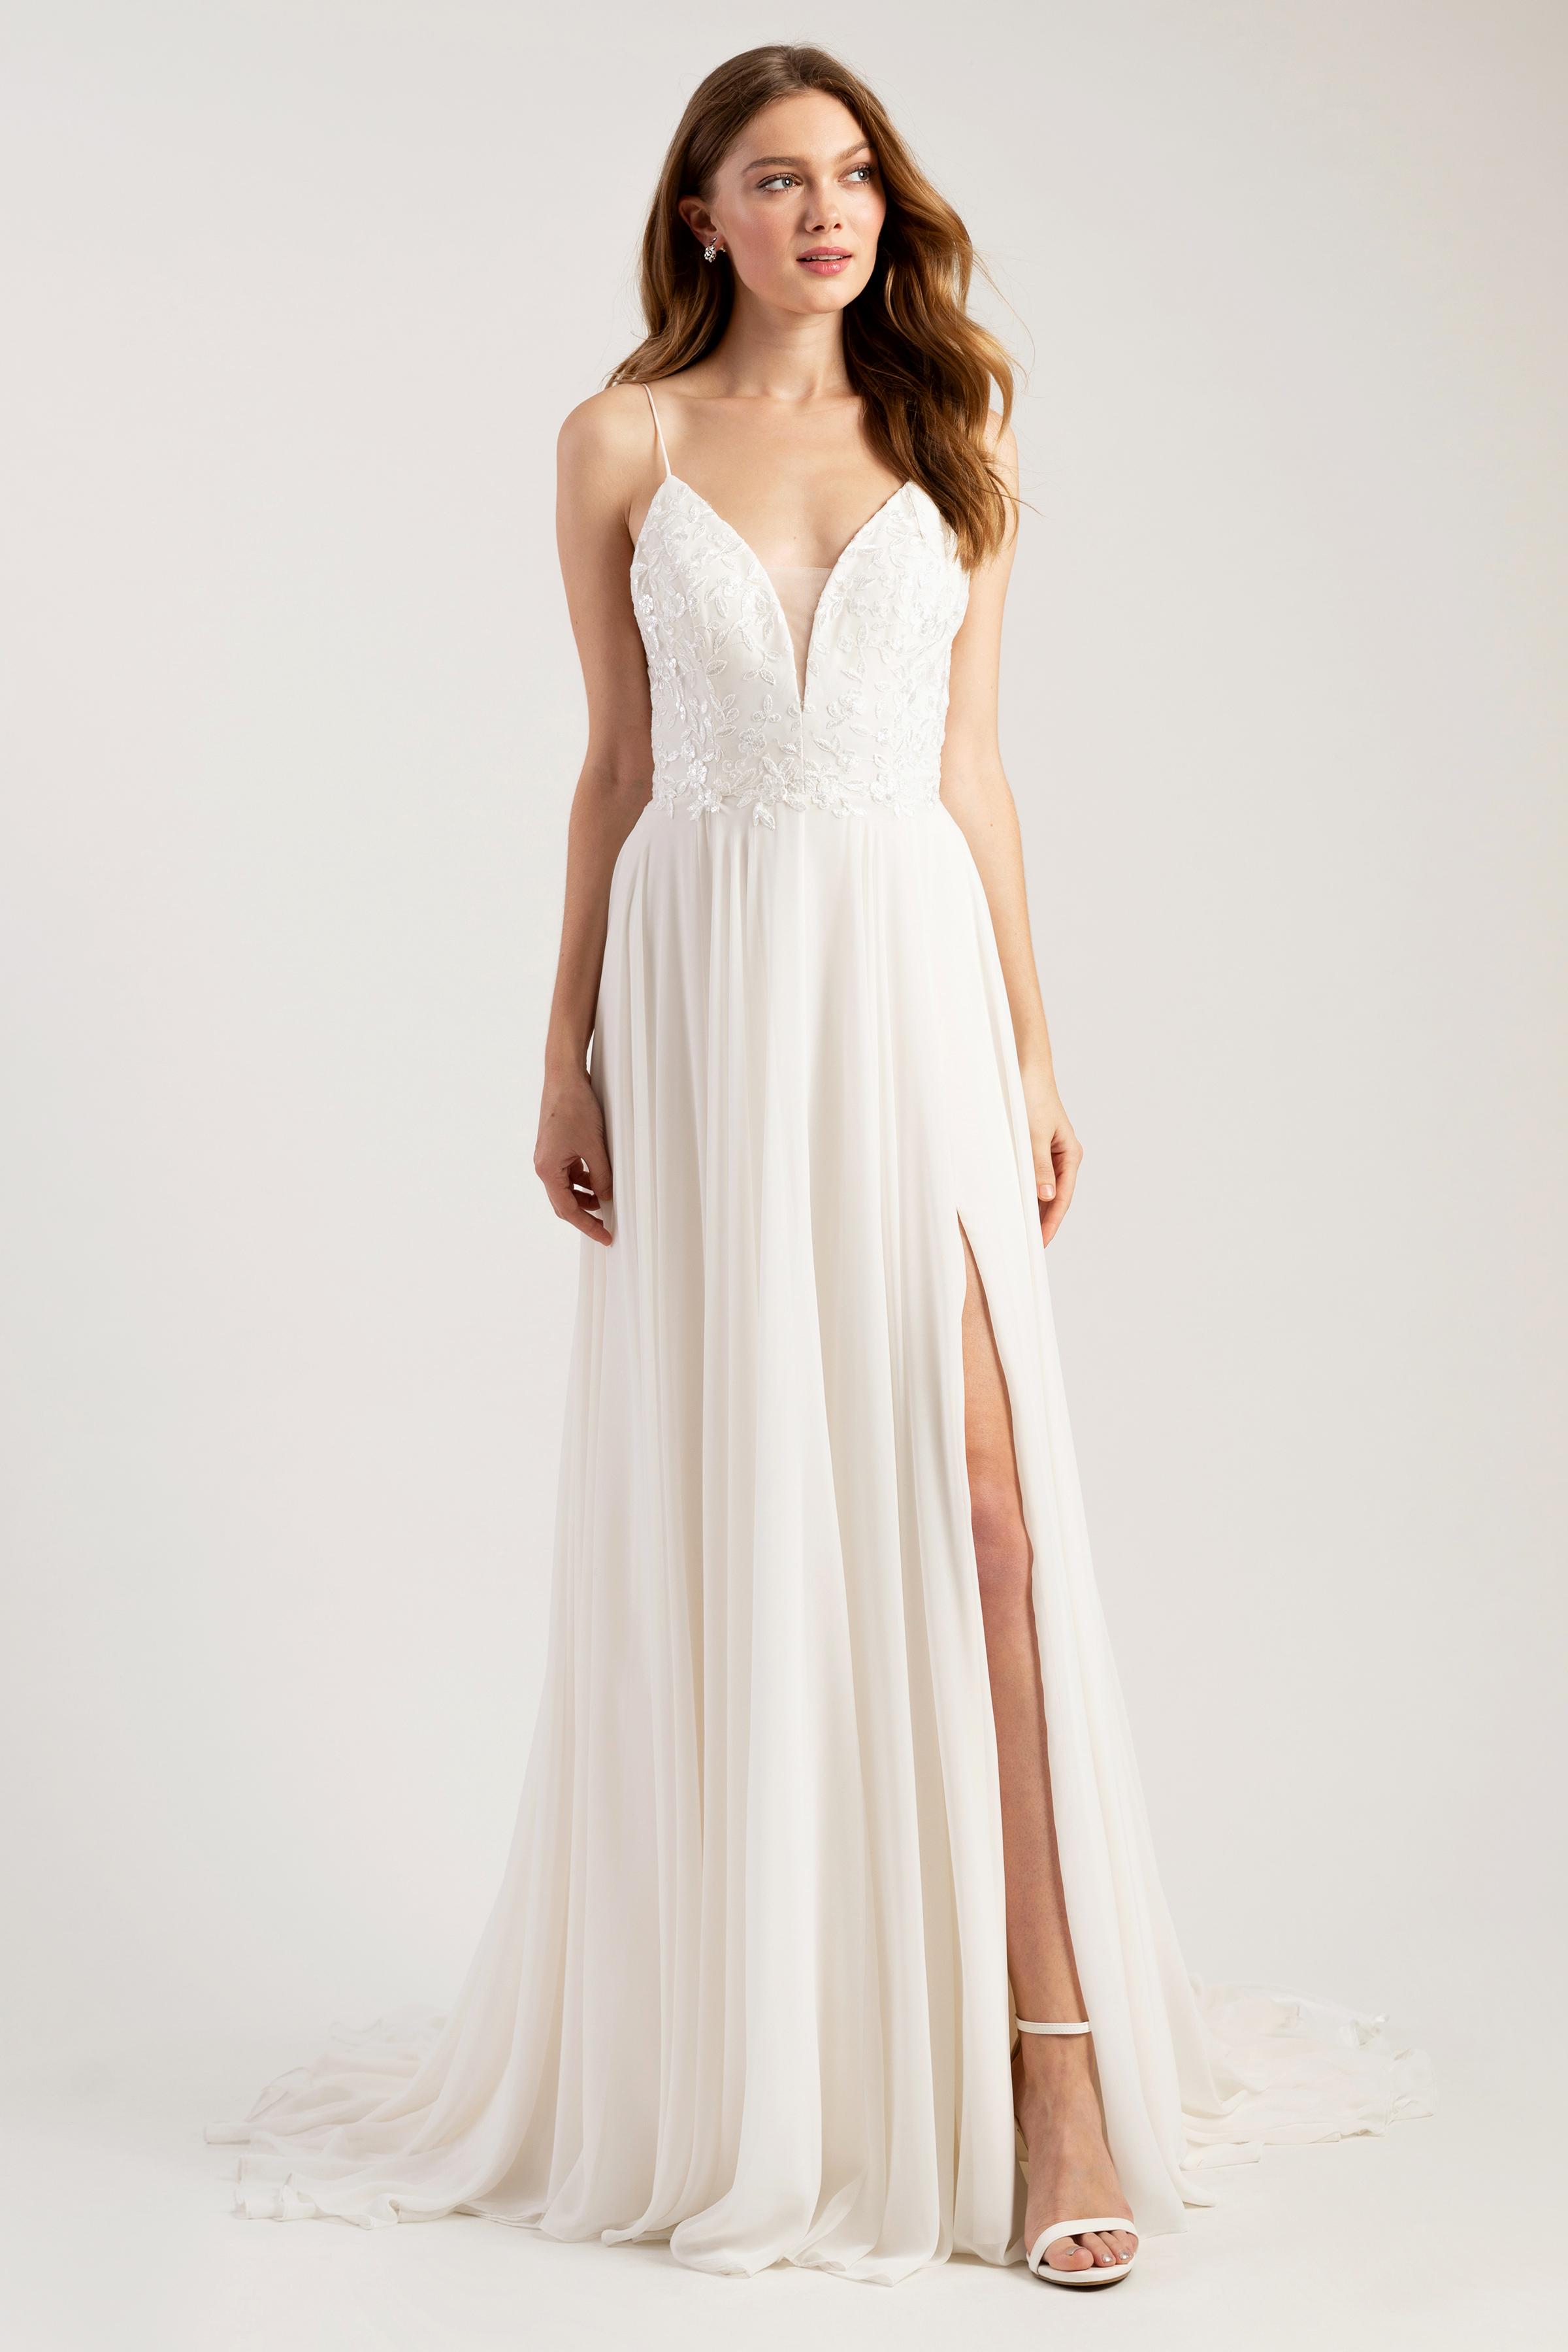 jenny by jenny yoo wedding dress spaghetti strap slit v-neck